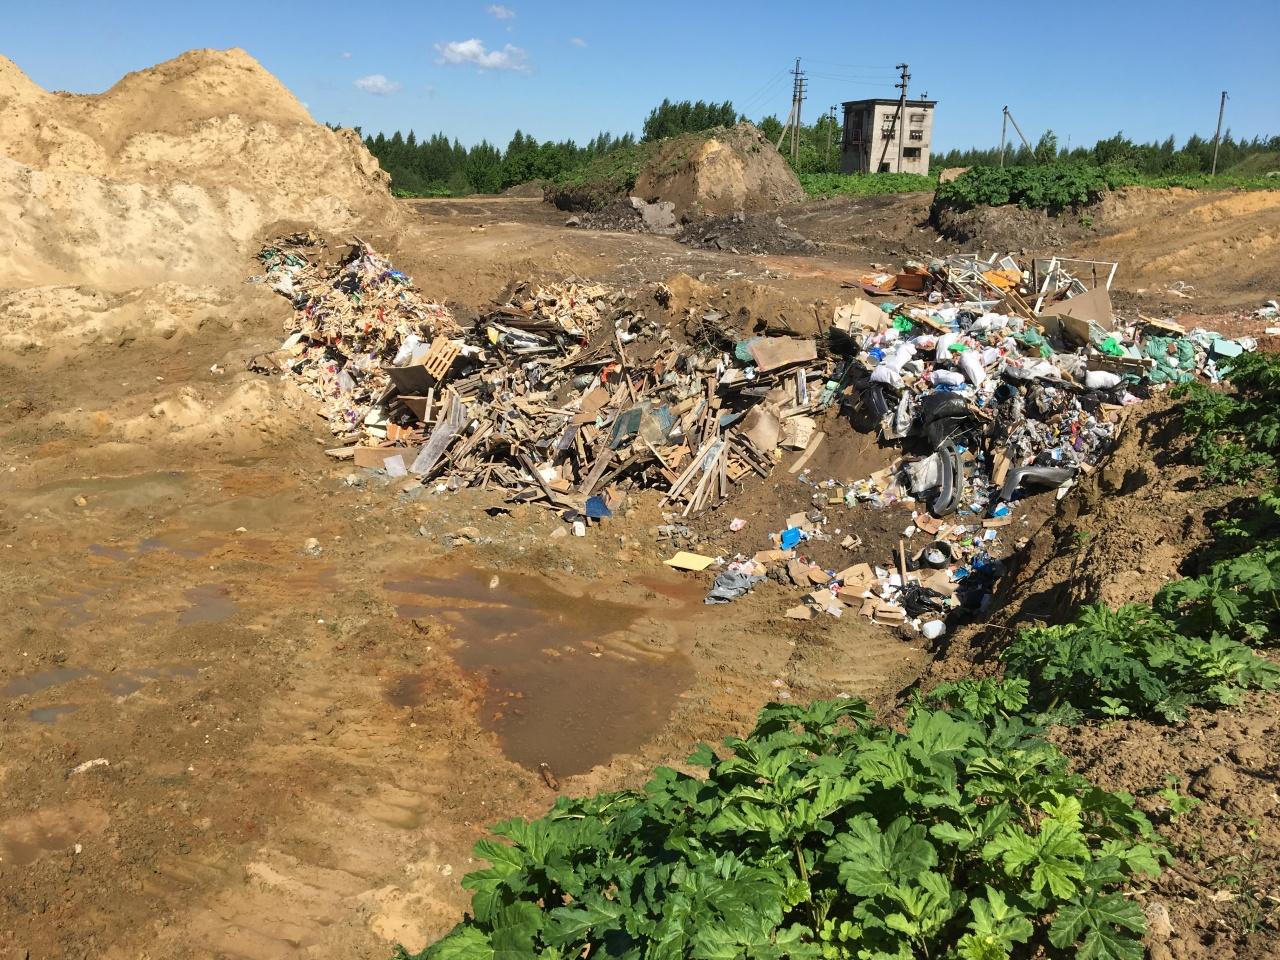 фото ЗакС политика В незаконном карьере в Мяглово нелегально складируется мусор